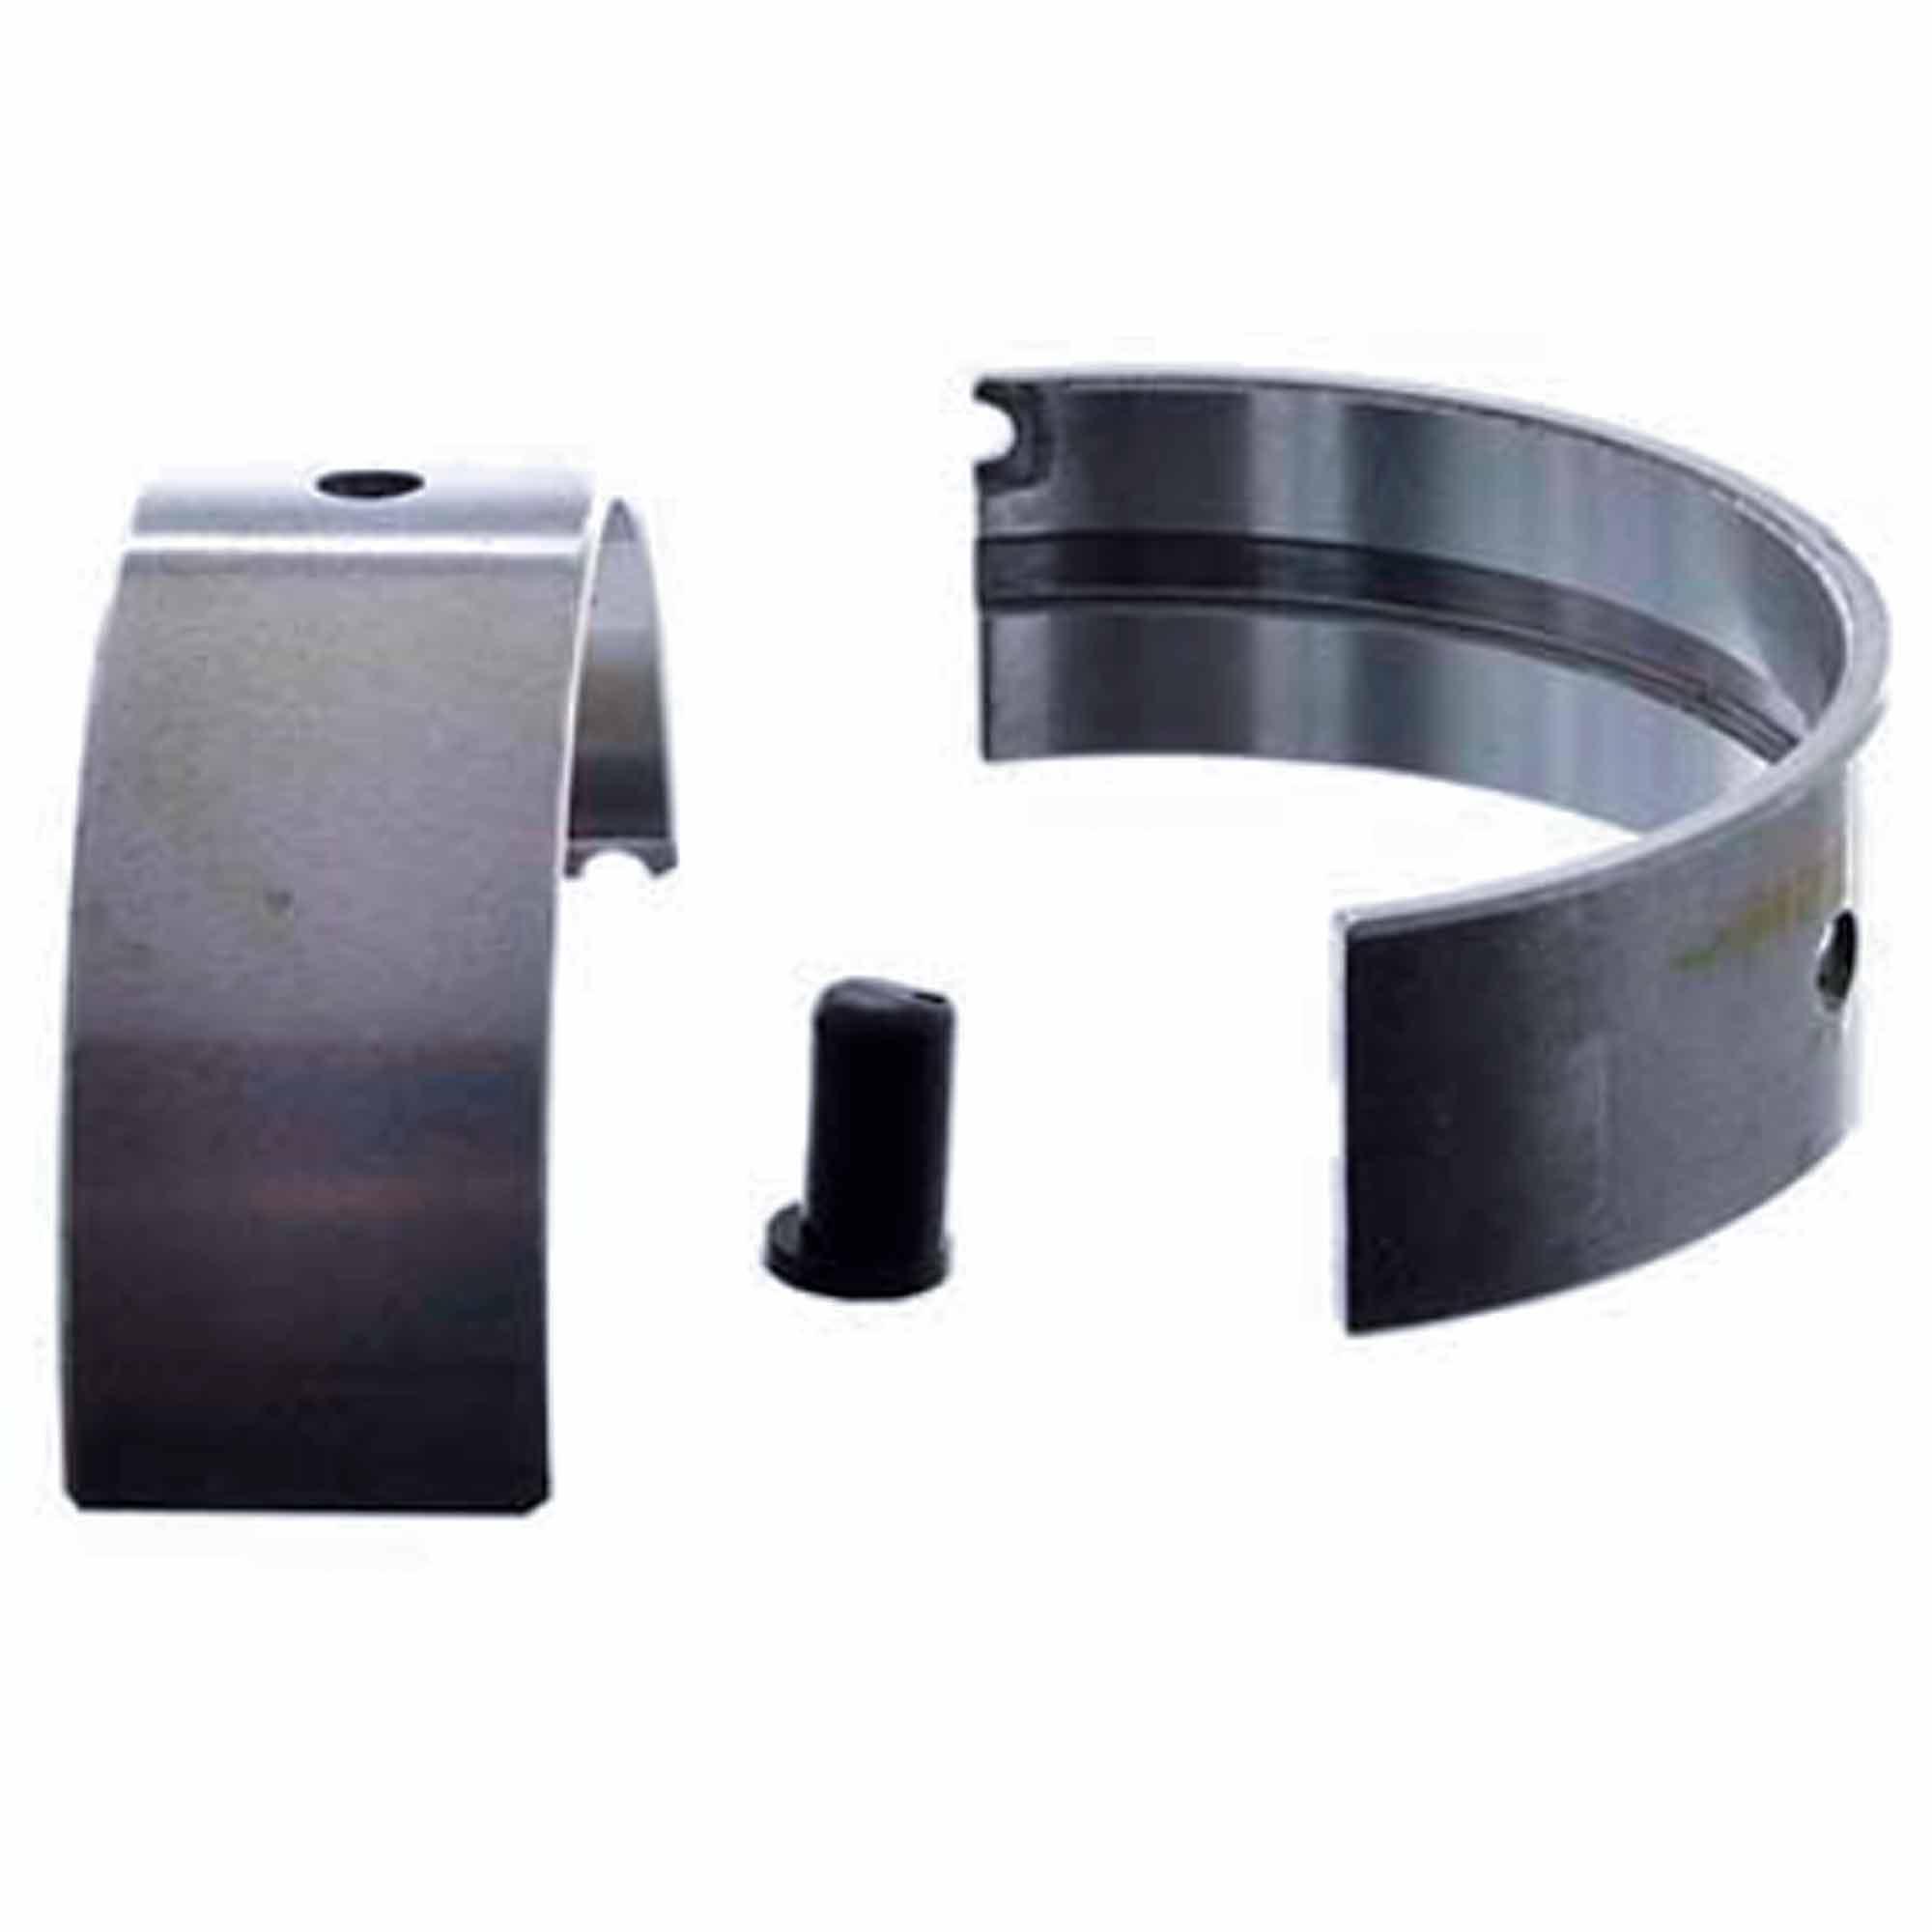 941084300088 -  Bronzina de mancal de 0,50mm com ejetor de óleo